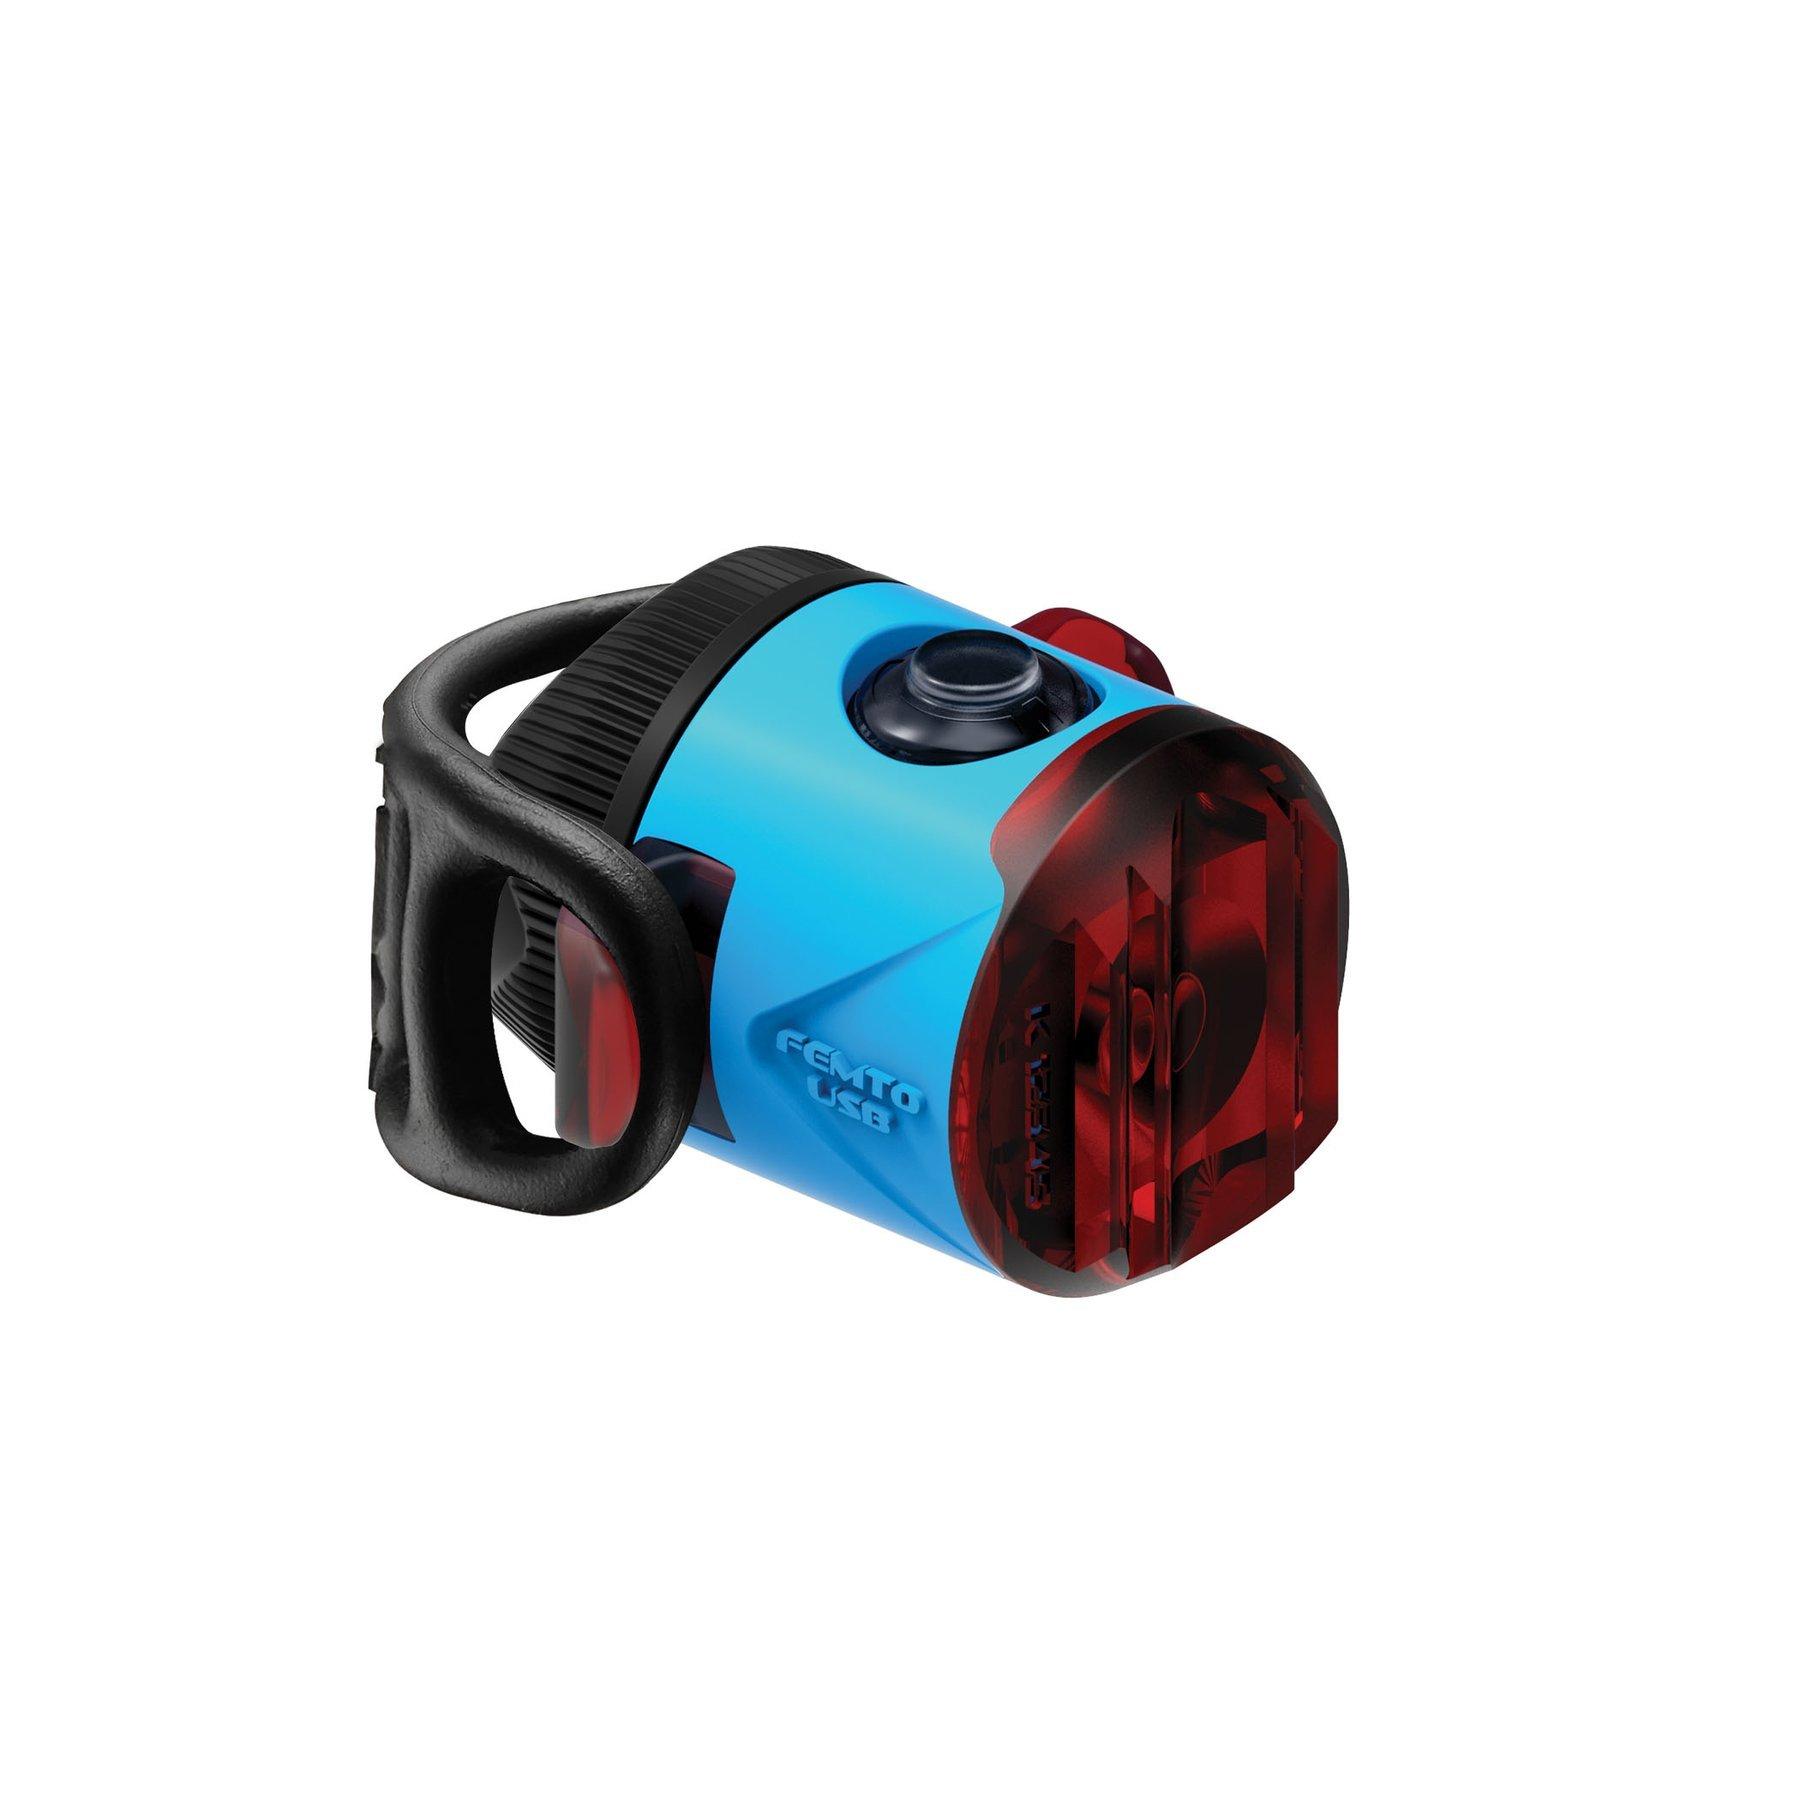 Lezyne FEMTO DRIVE USB hátsó lámpa - kék